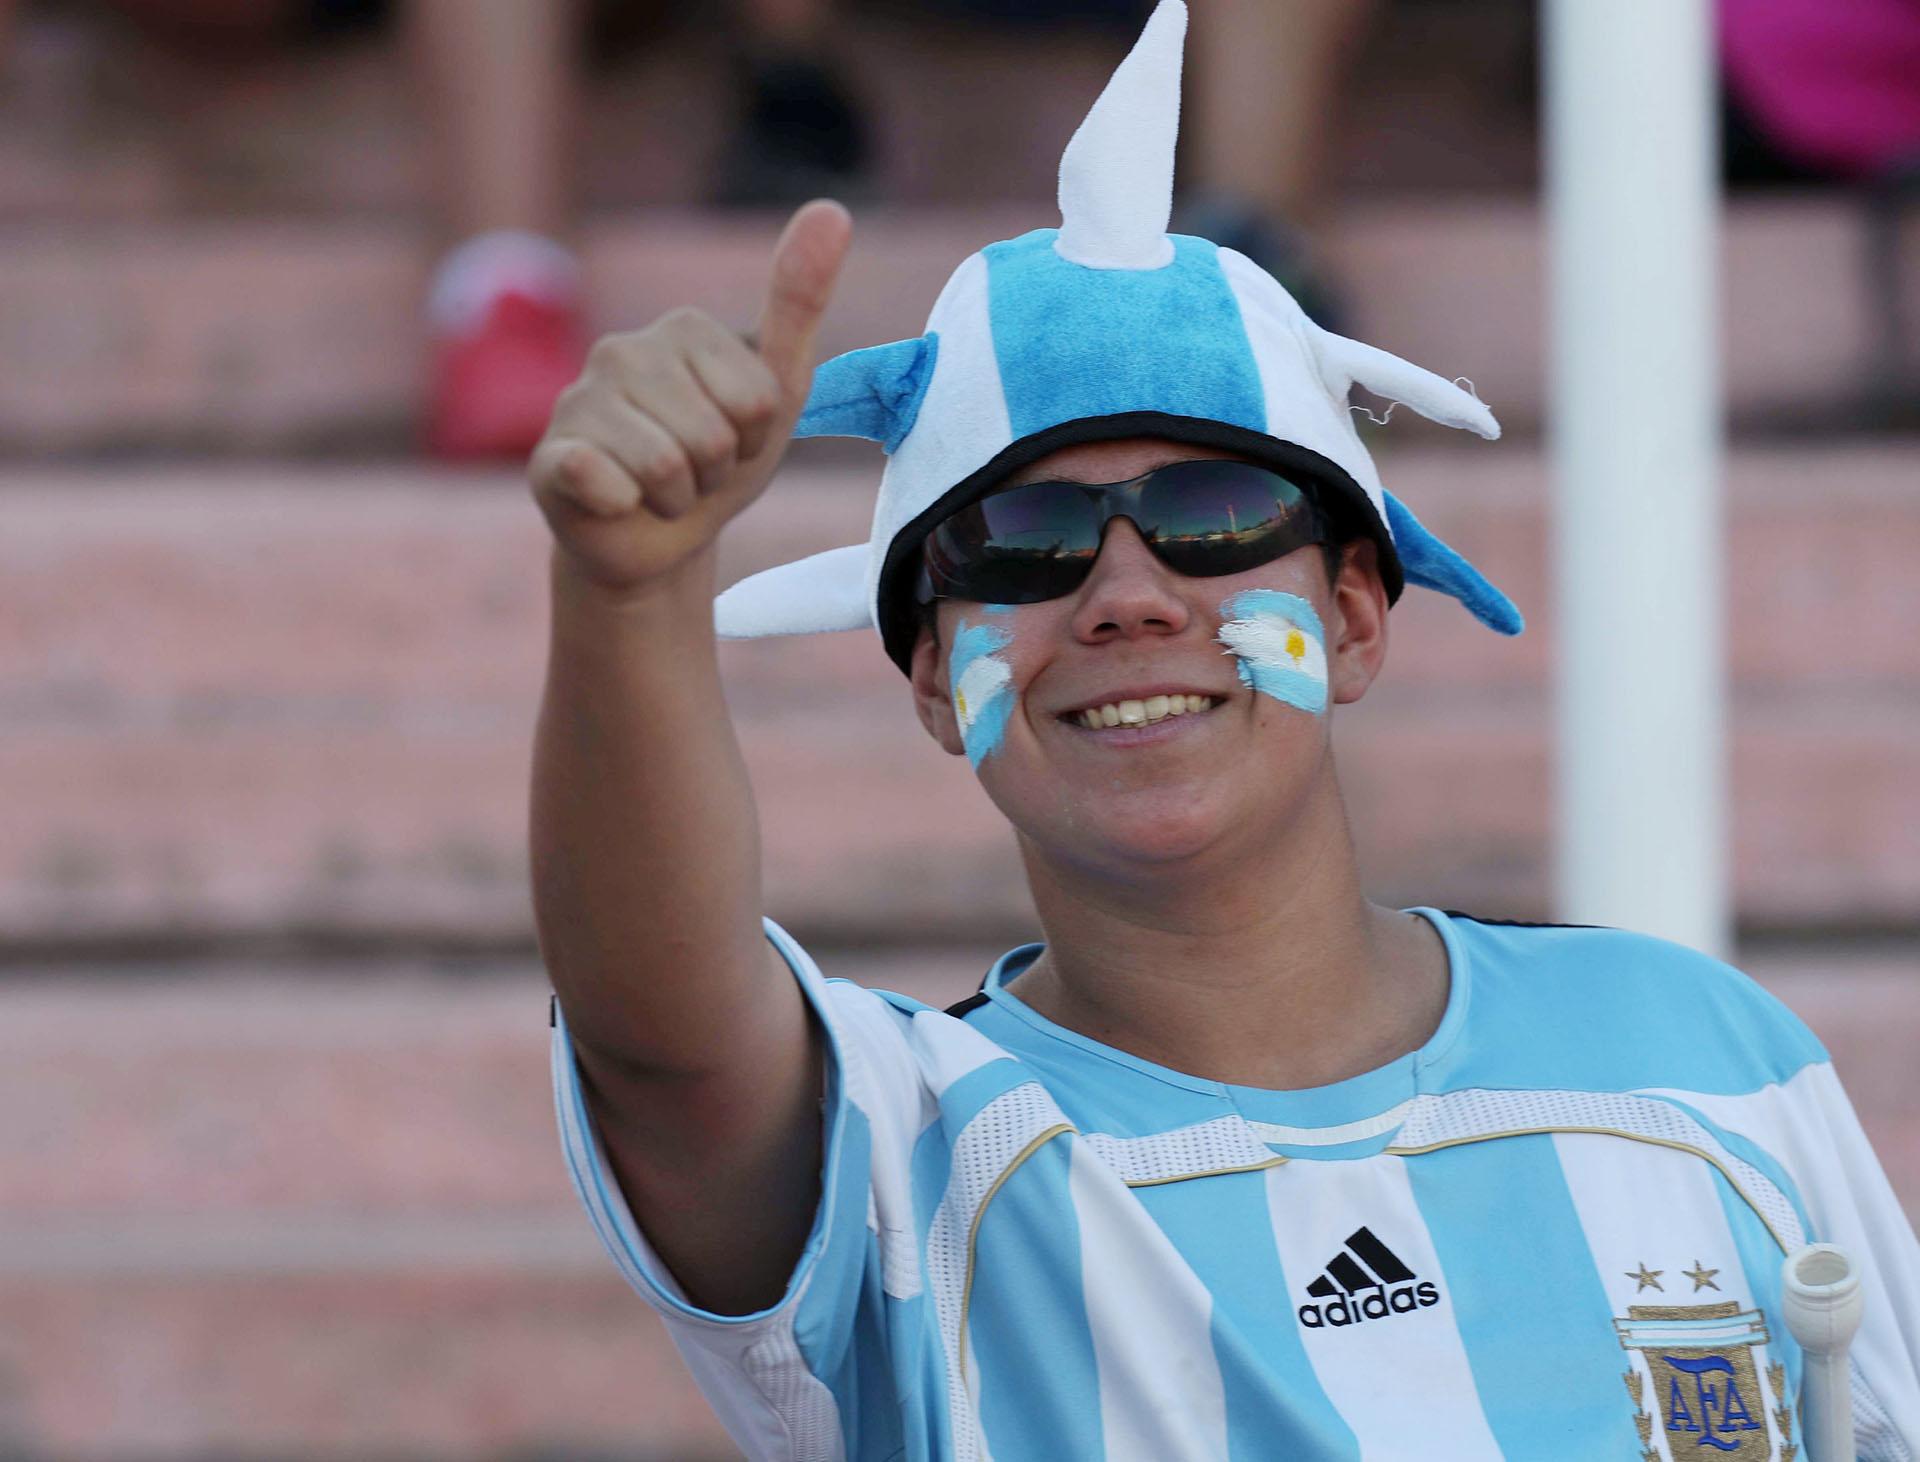 El estadio Islas Malvinas de Mendoza vivió una verdadera fiesta y los hinchas aprovecharon la ocasión para ver a las grandes figuras de la renovada selección (REUTERS)